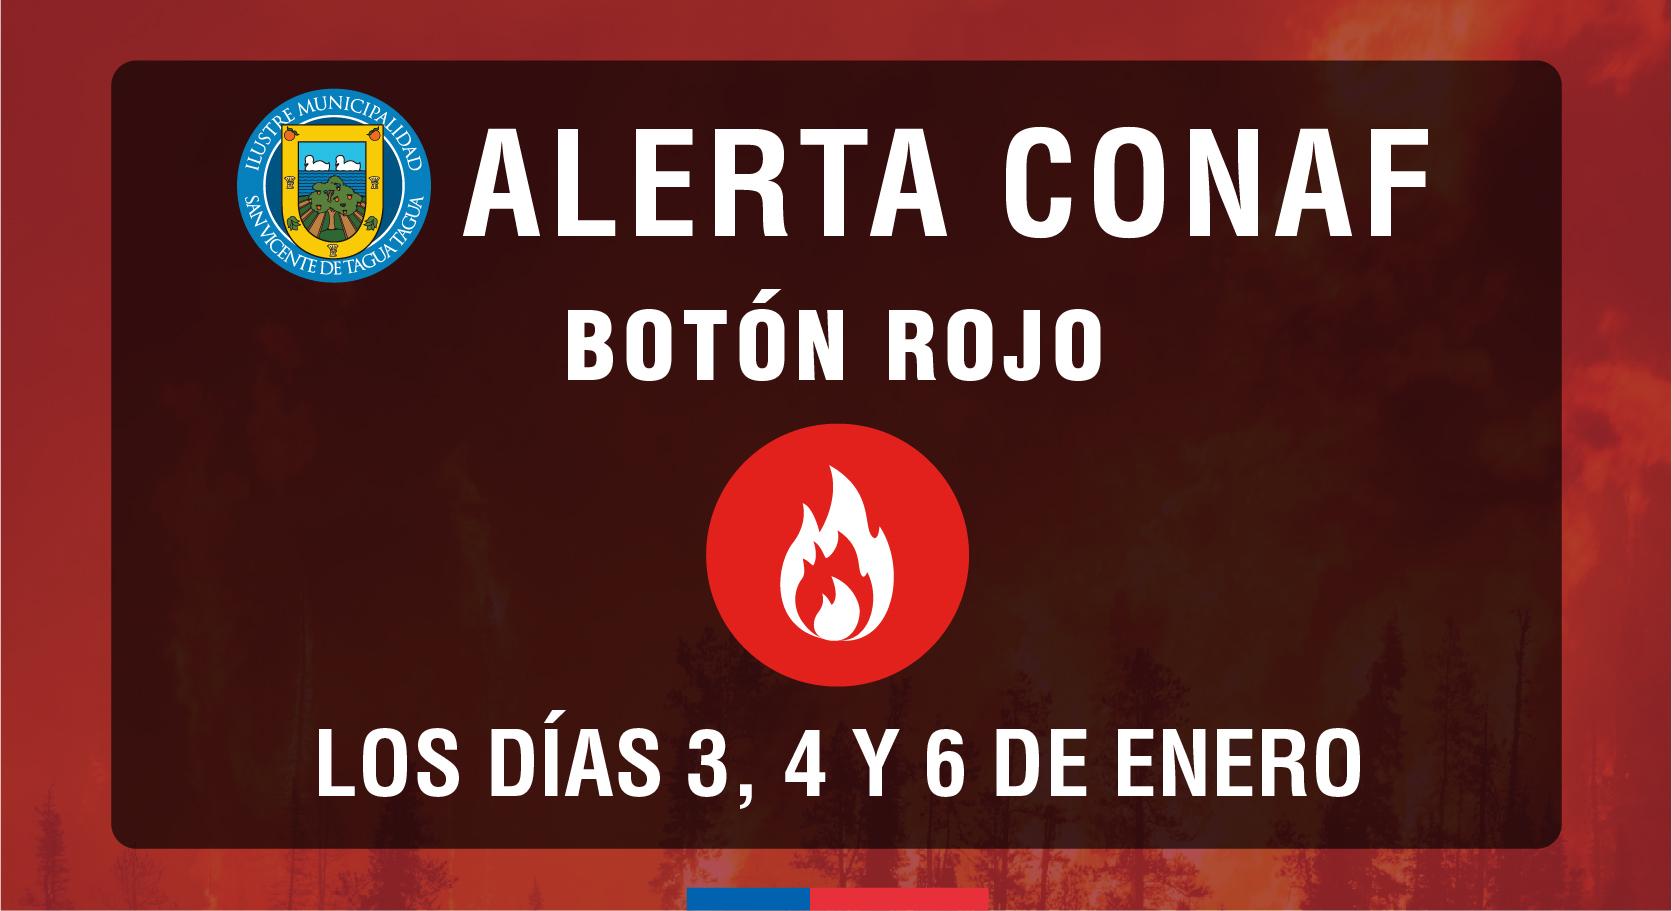 #ATENCIÓN | ALERTA CONAF BOTÓN ROJO PARA SAN VICENTE‼️